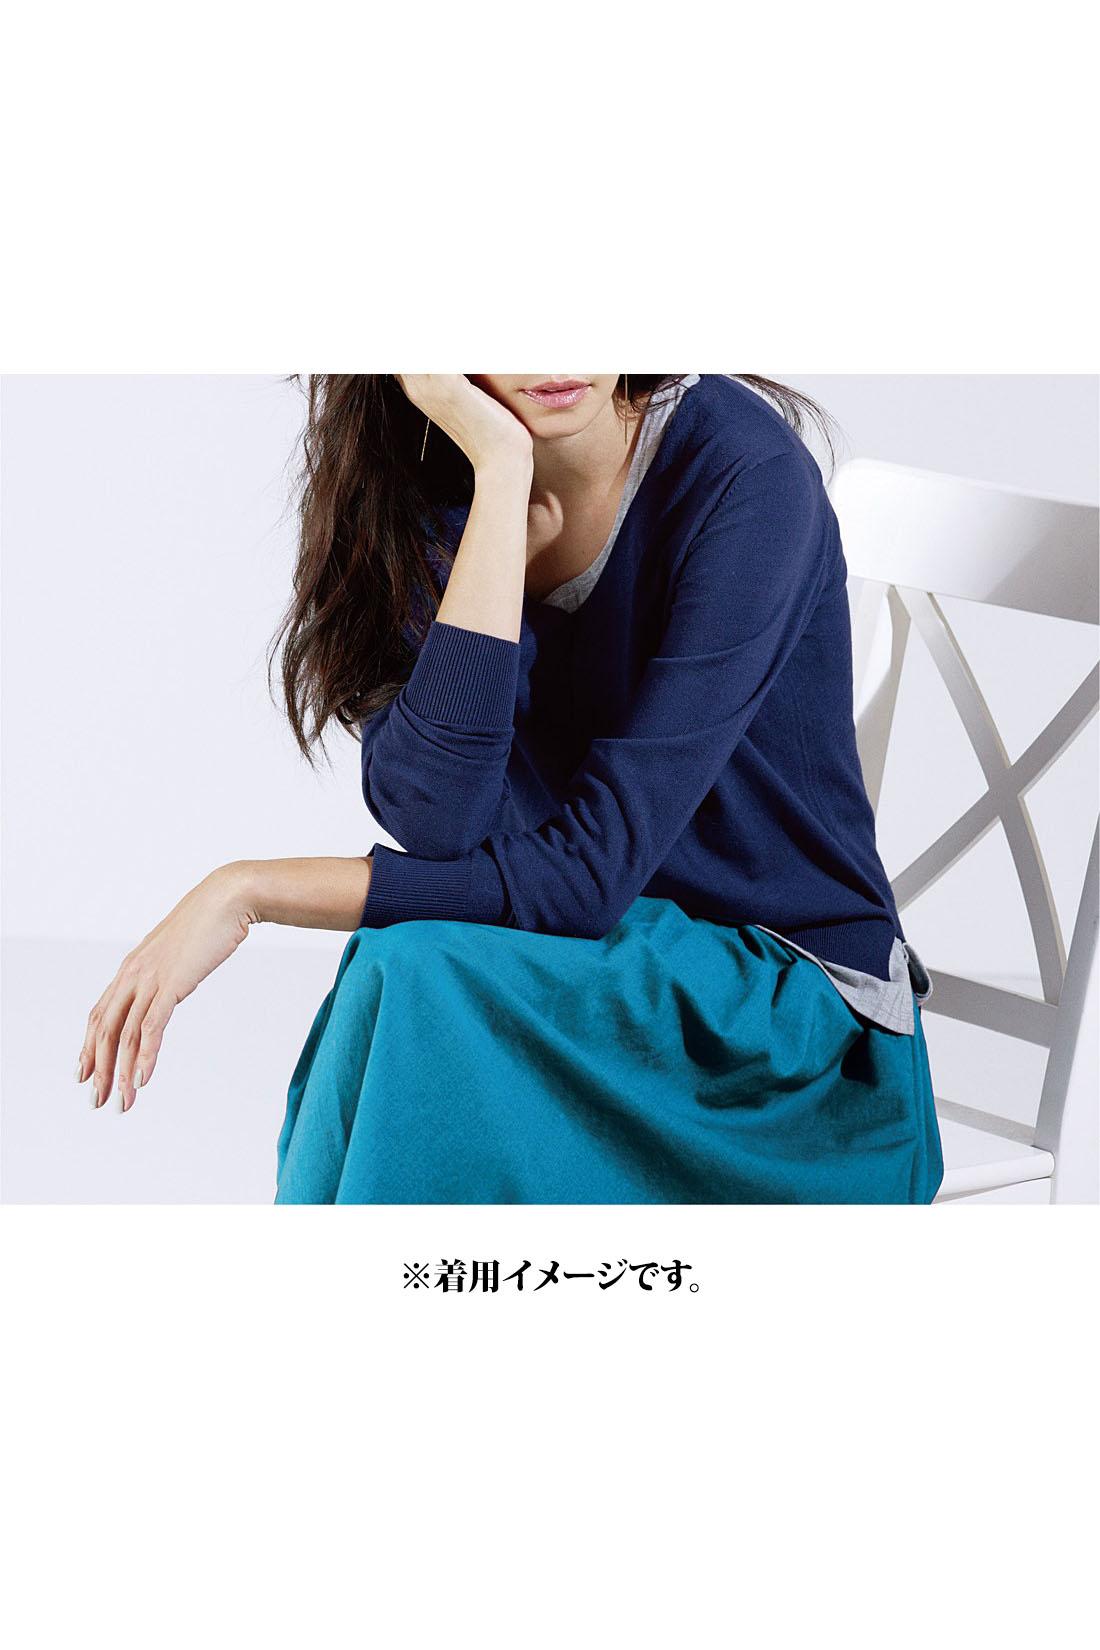 女っぽいスカートスタイルも凛と知的なネイビーを合わせればクールビューティーな表情に。ブルーのワントーンコーデも素敵。